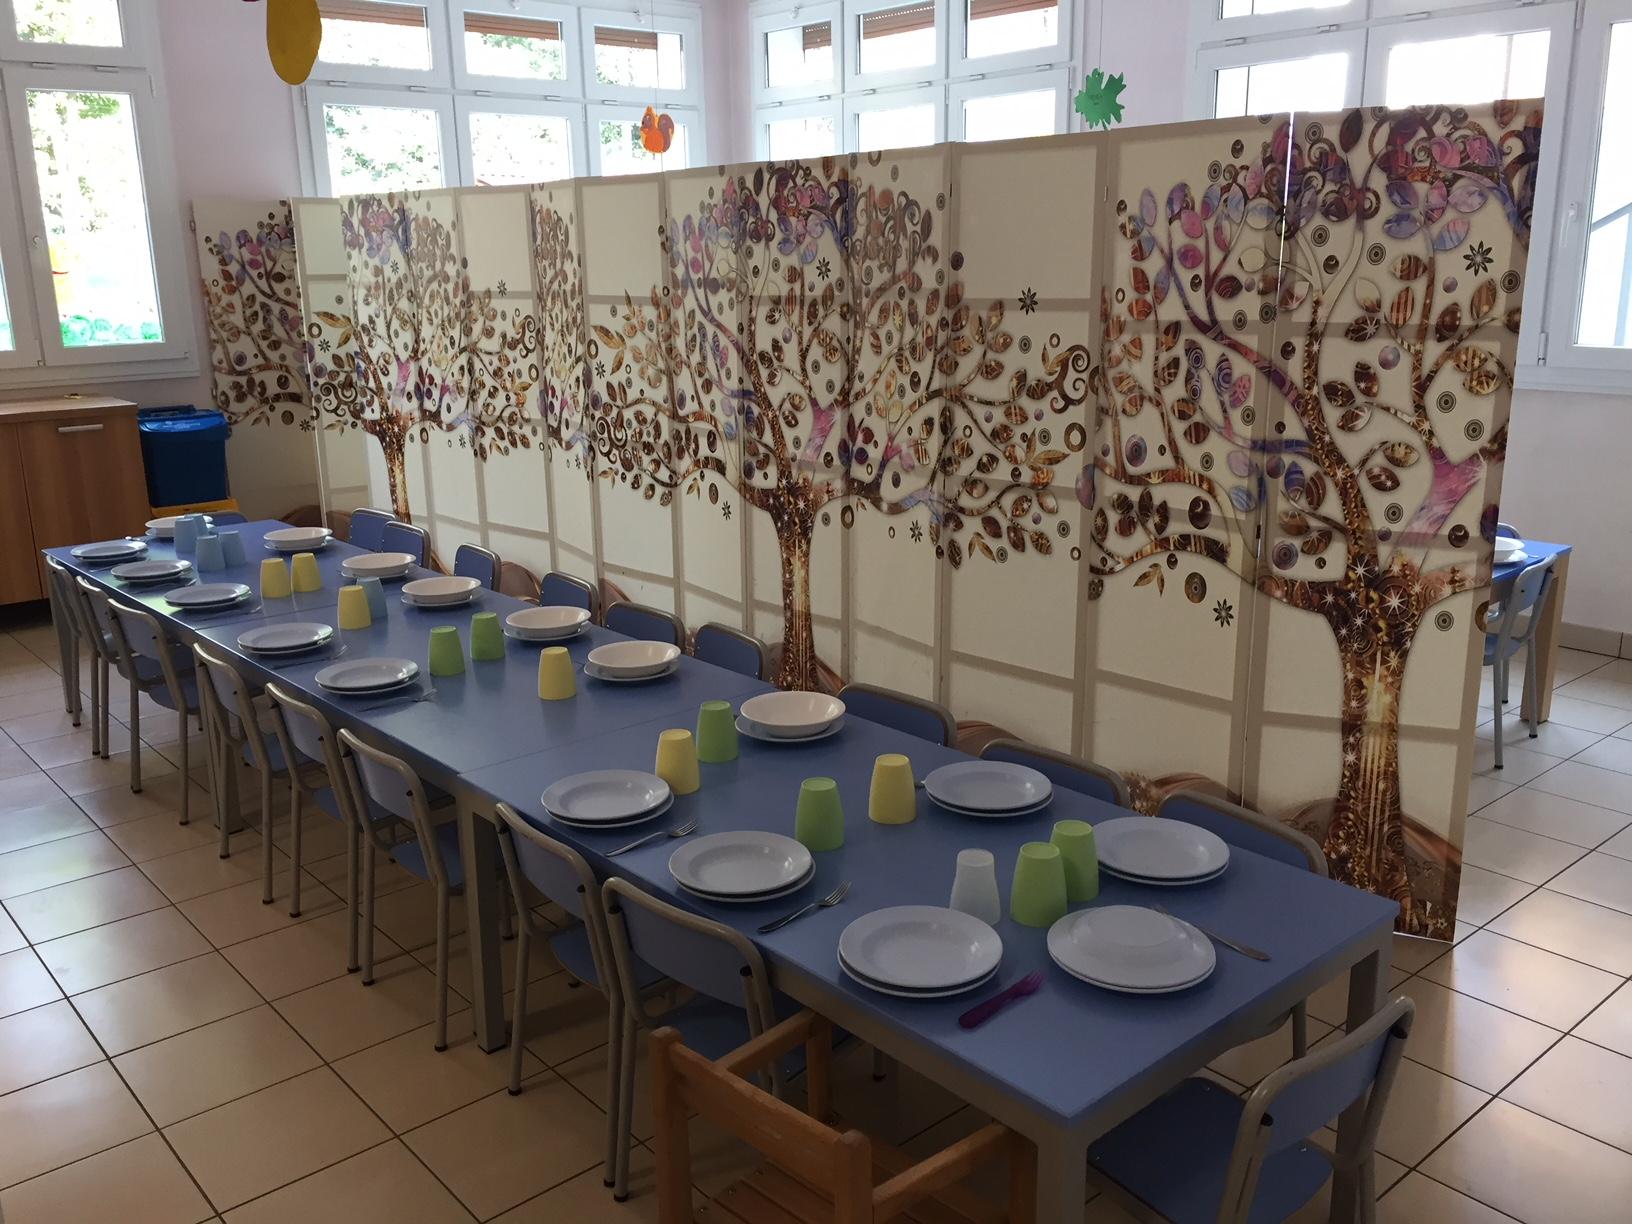 La mensa della Scuola dell'Infanzia Prospero Alpino di Marostica